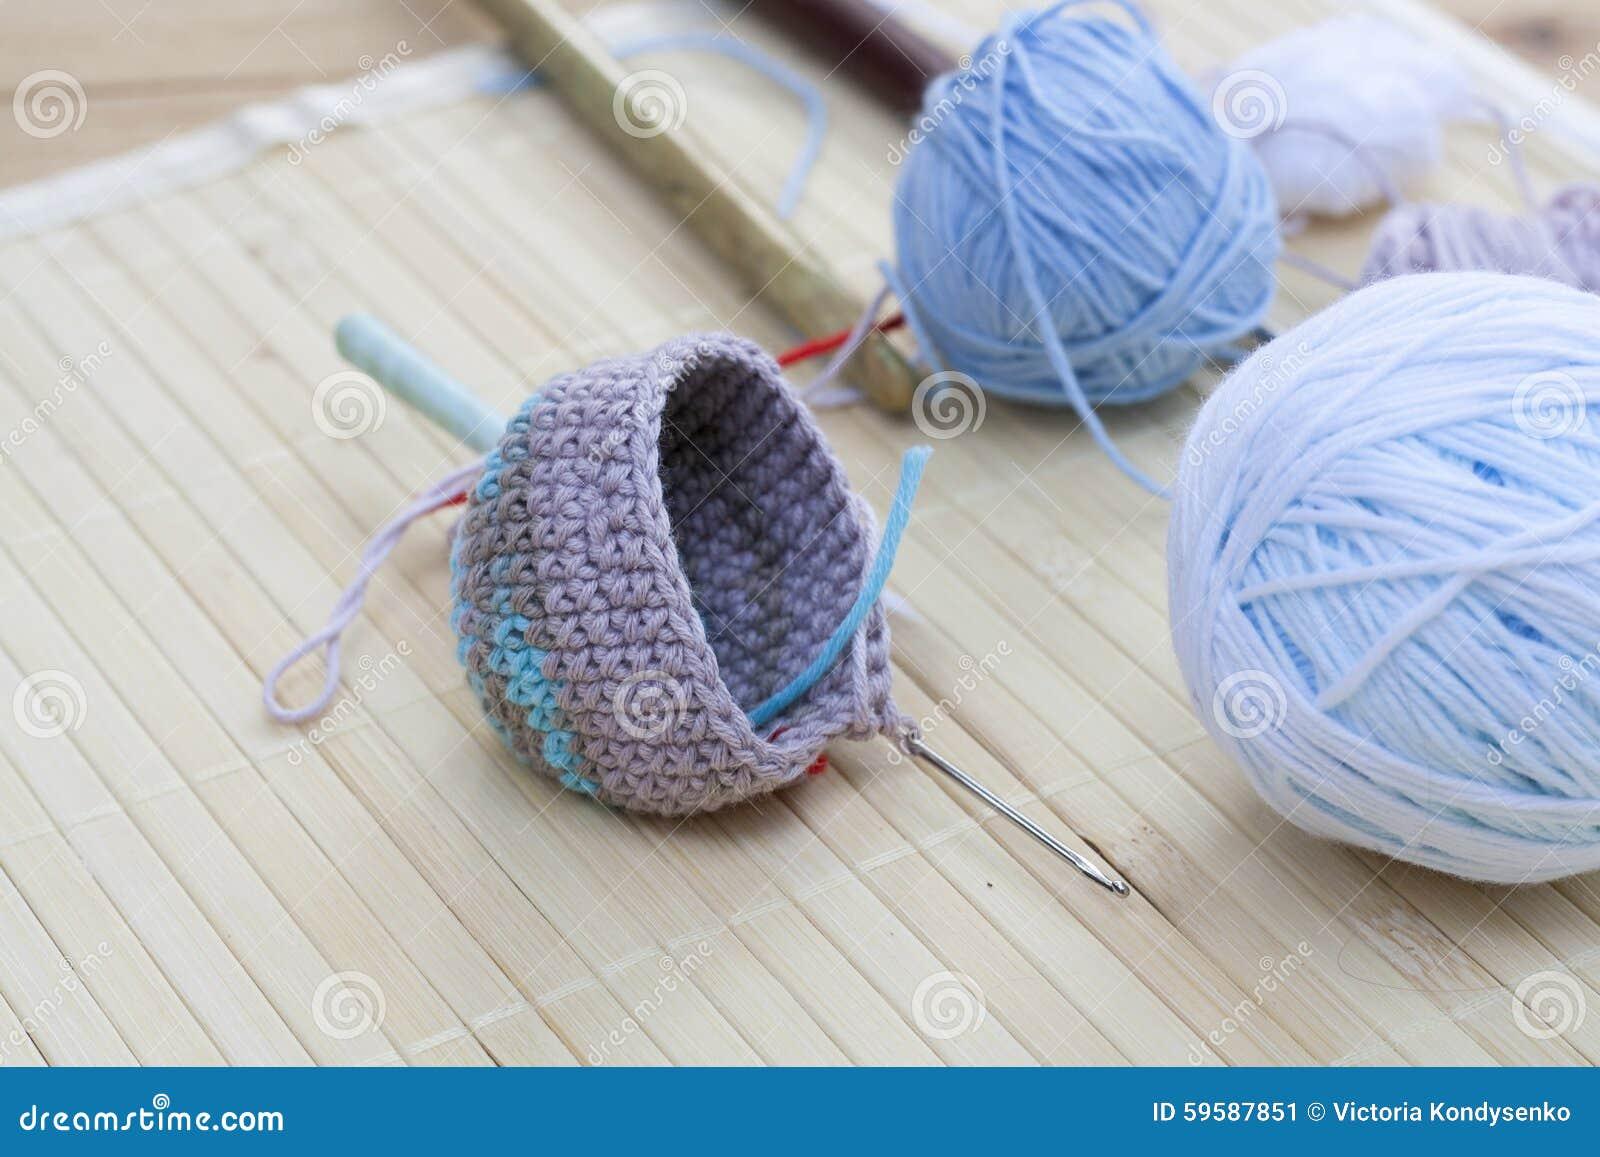 Färben Sie Woolen Schlaufen Für Das Stricken Und Häkeln Sie